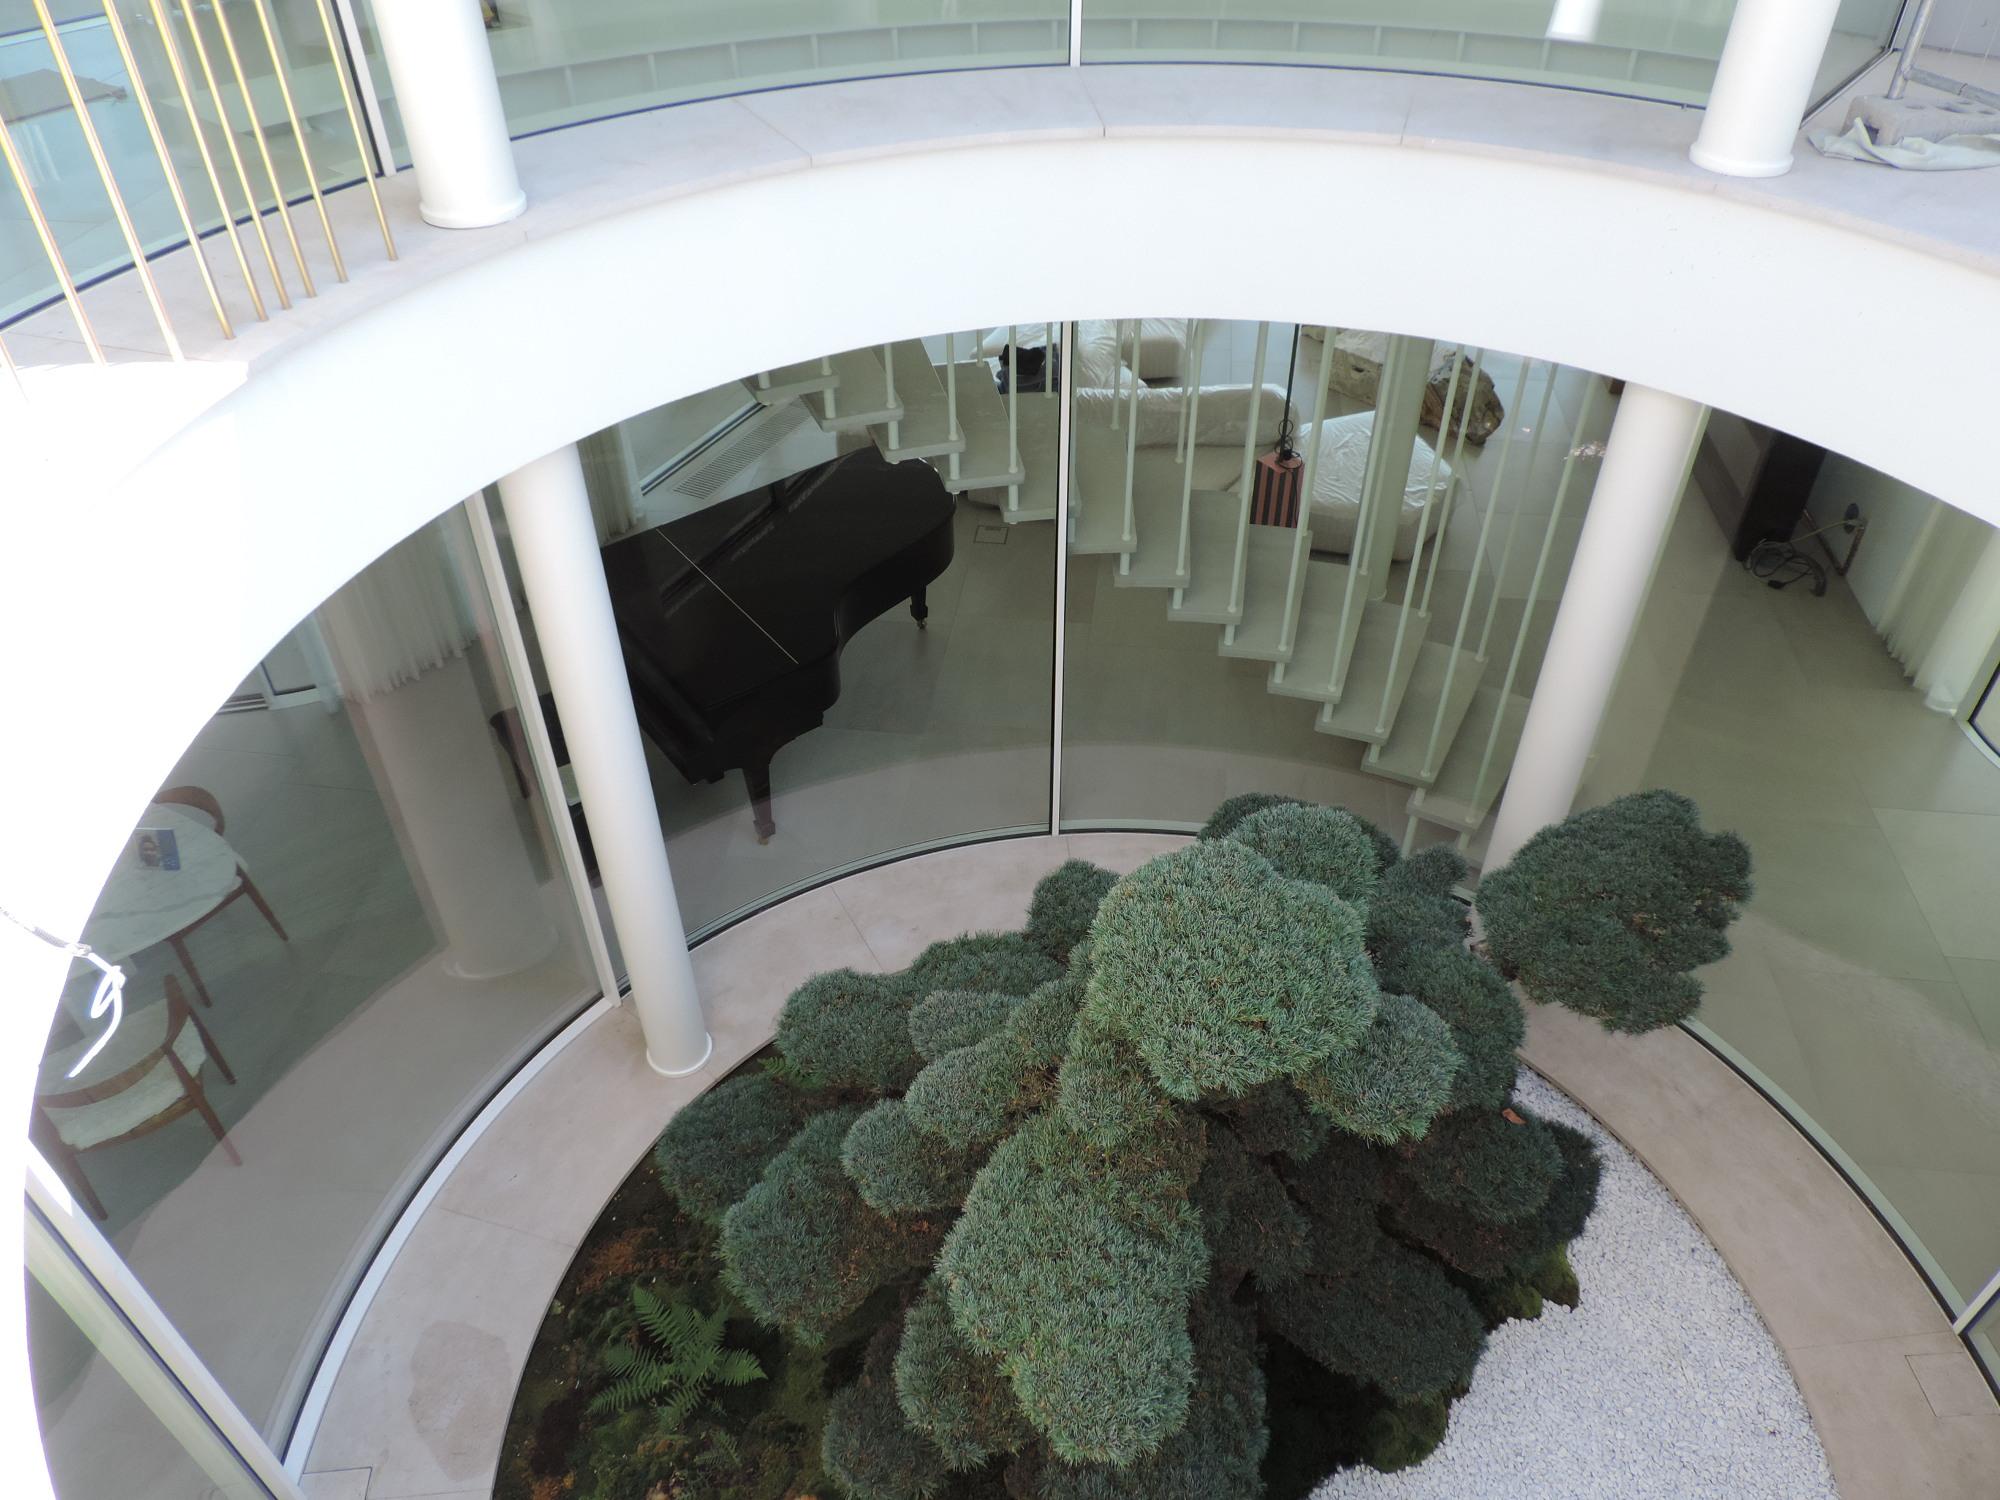 0718_RobertoManzetti-Architetto-NeuHouse-23